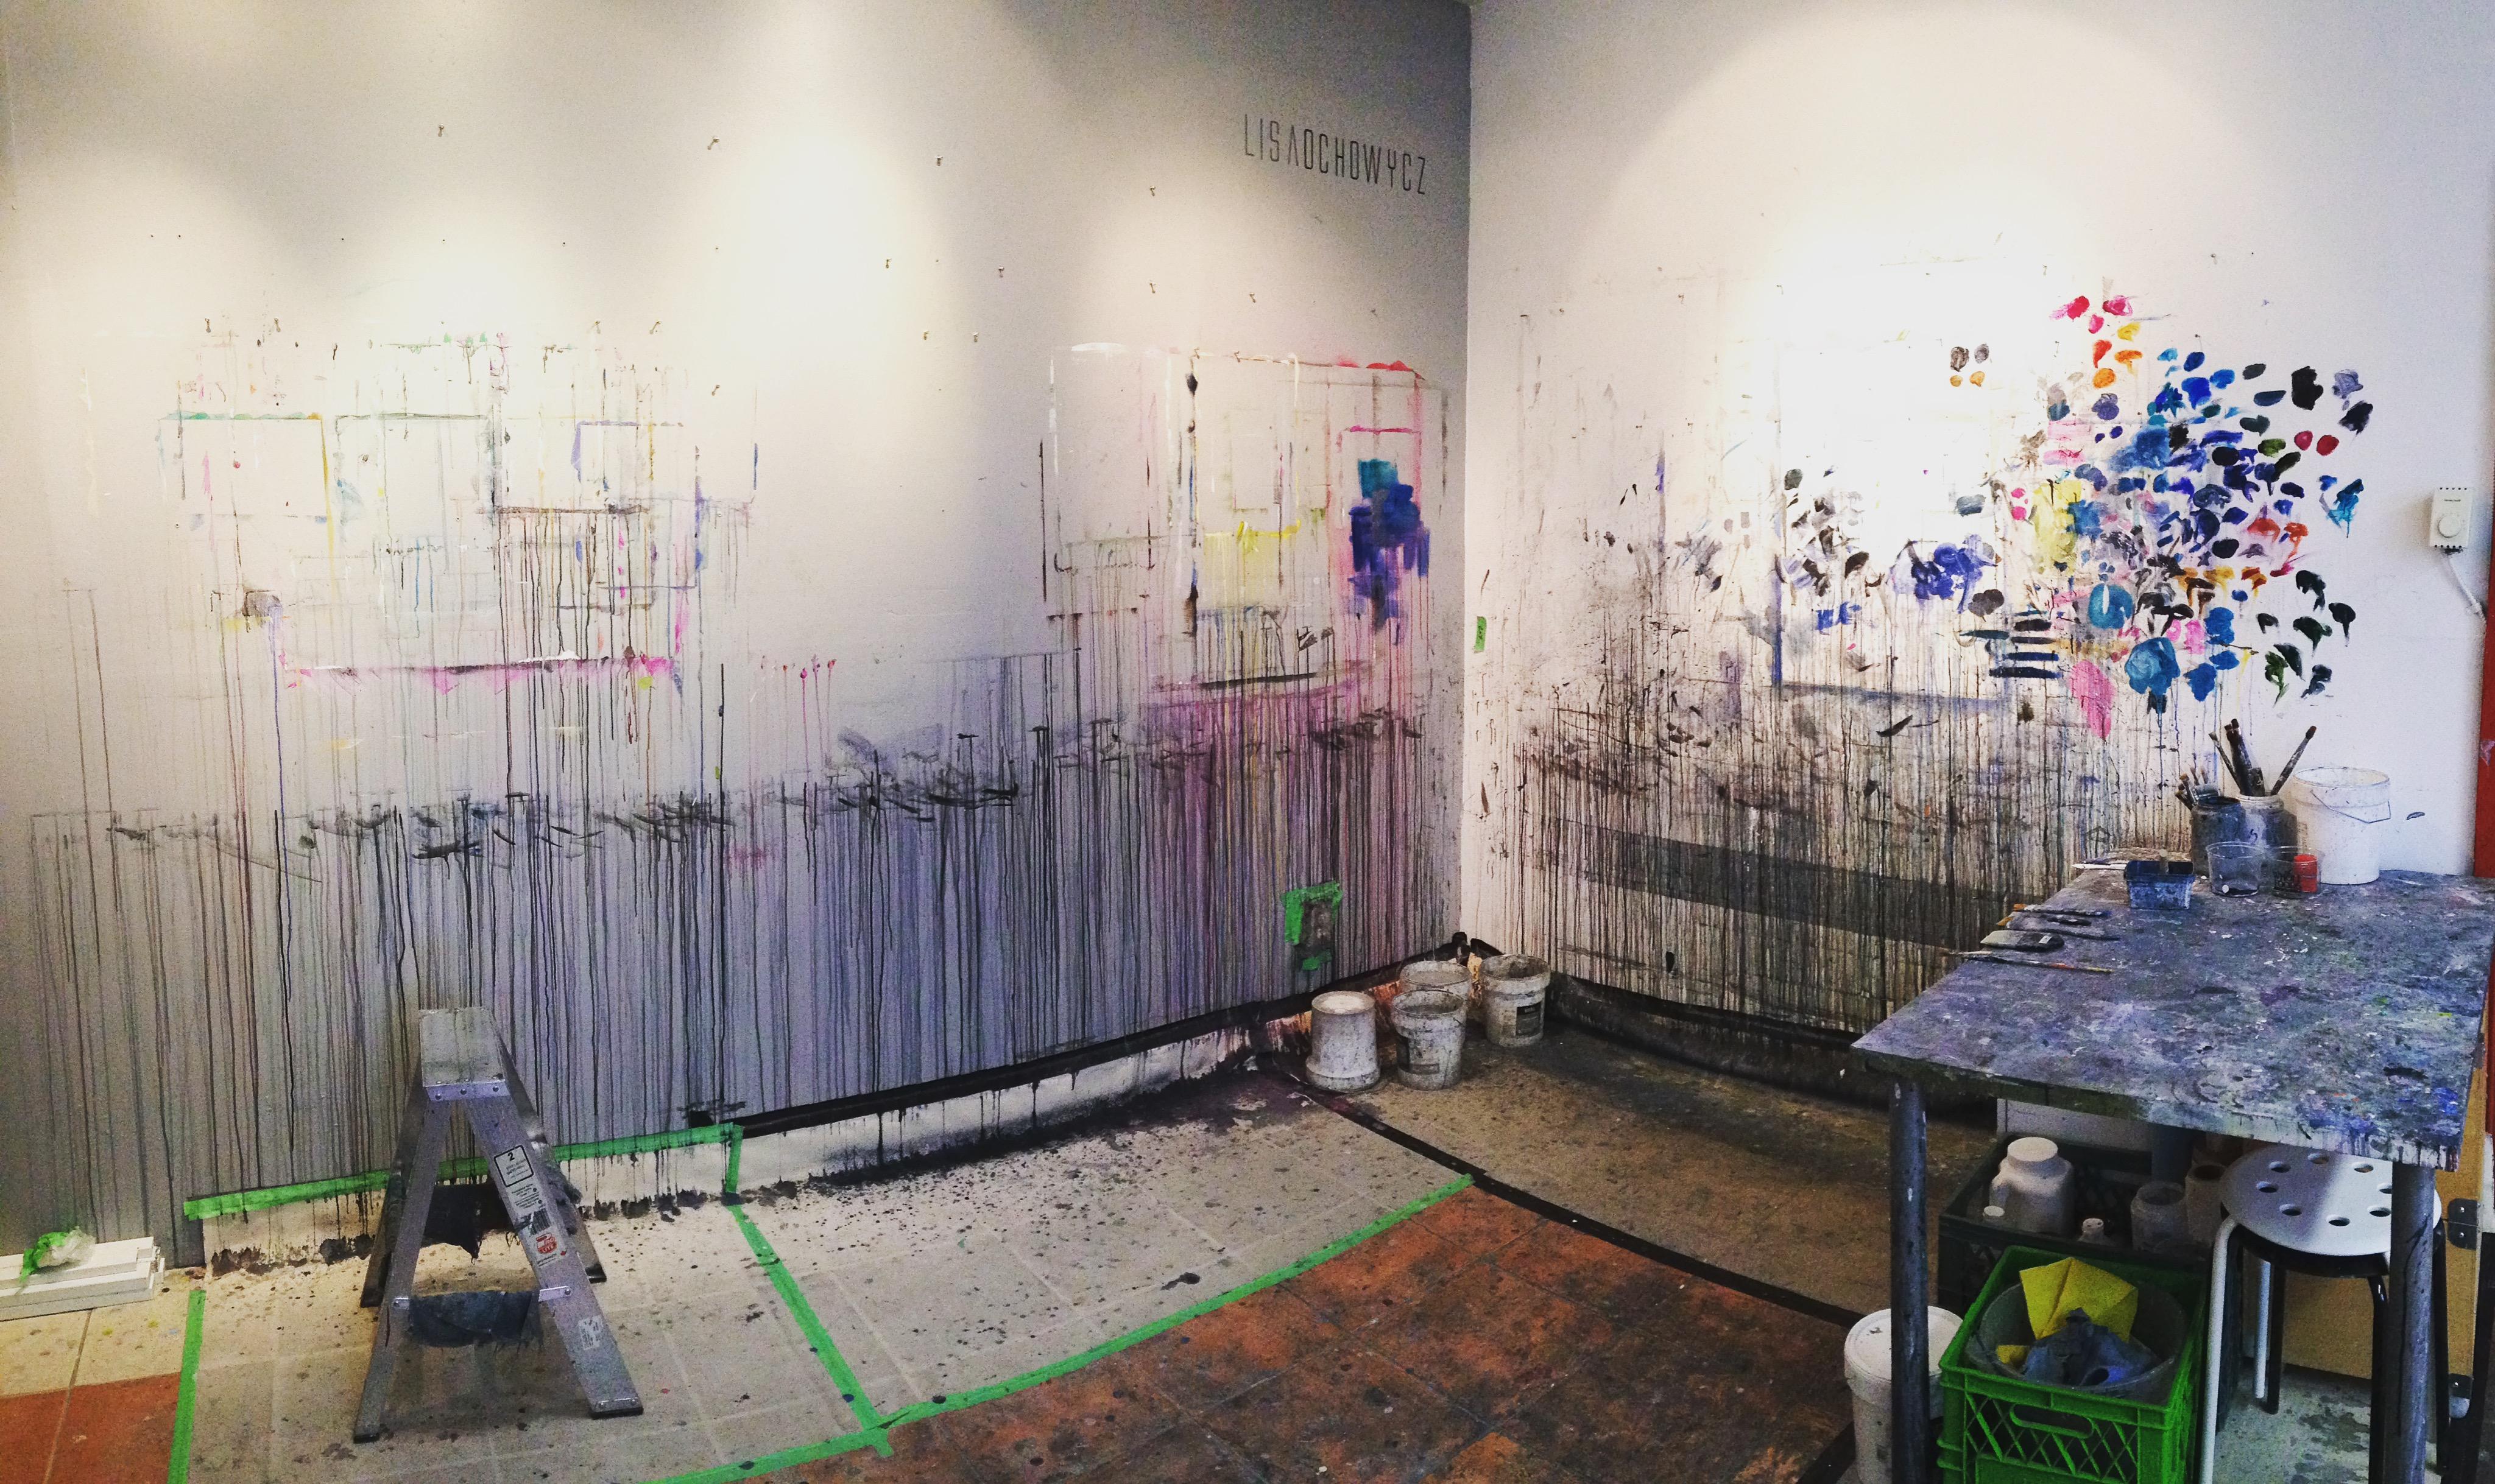 Lisa Ochowycz studio